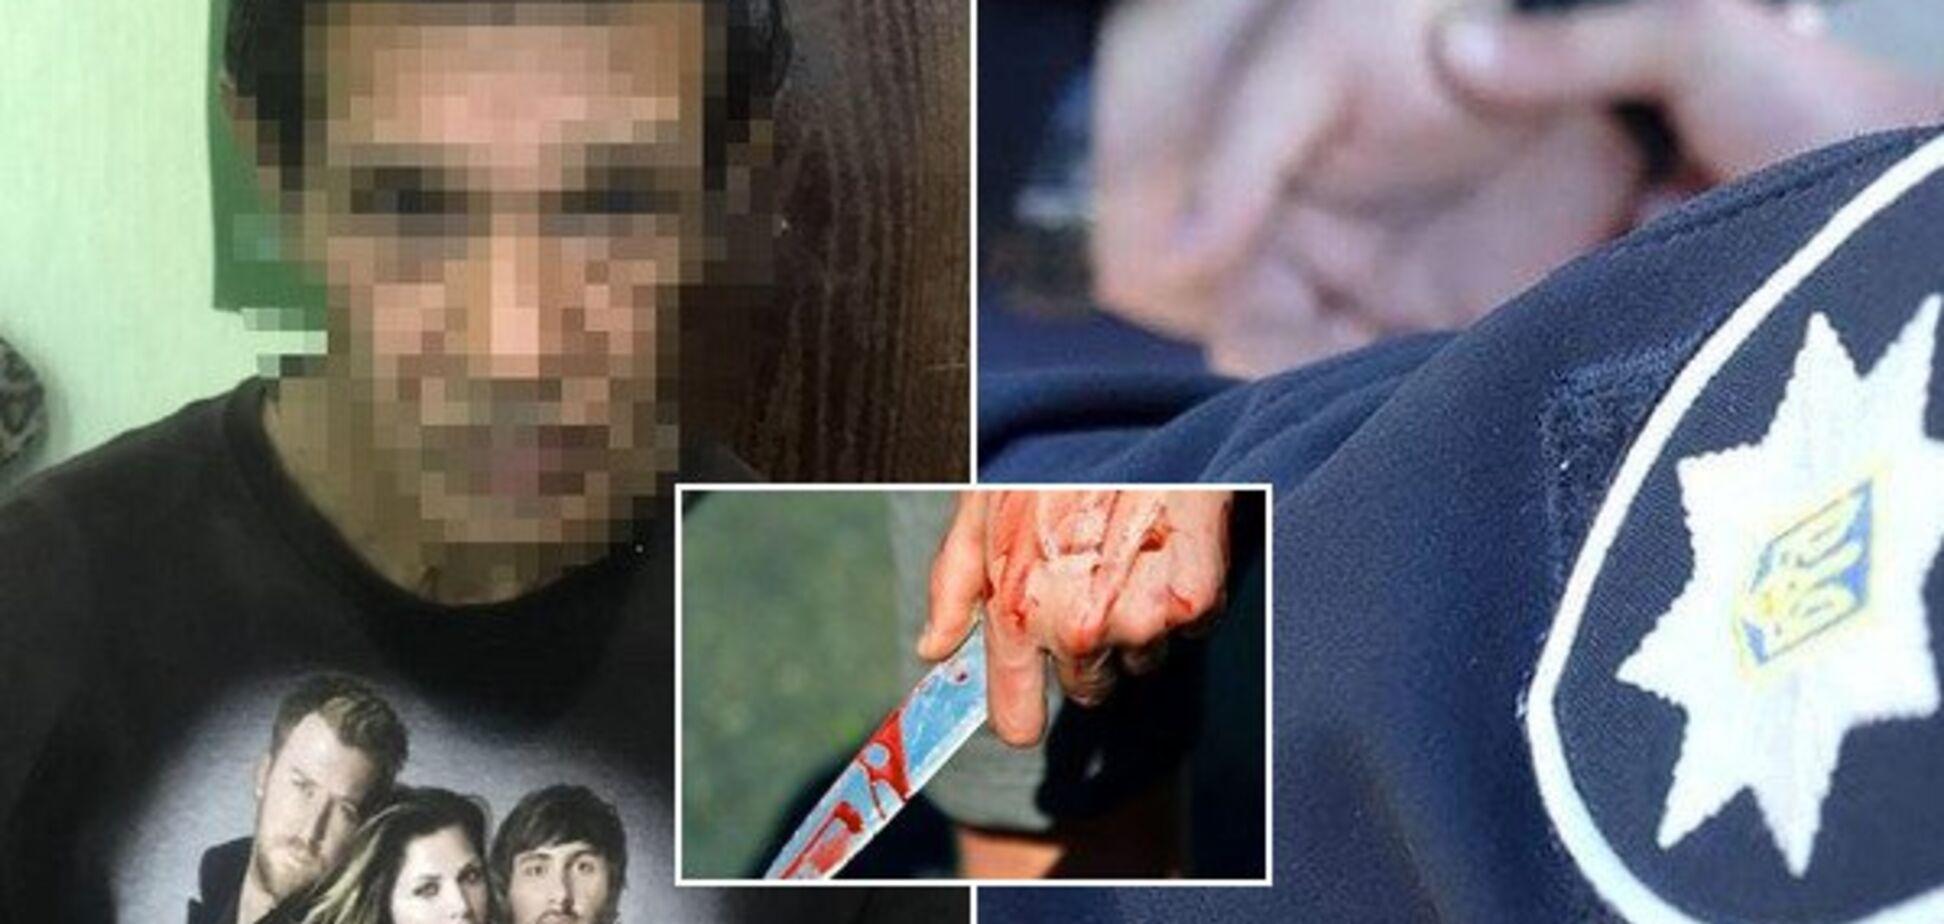 На Днепропетровщине мужчина чуть не убил приятеля из-за долга